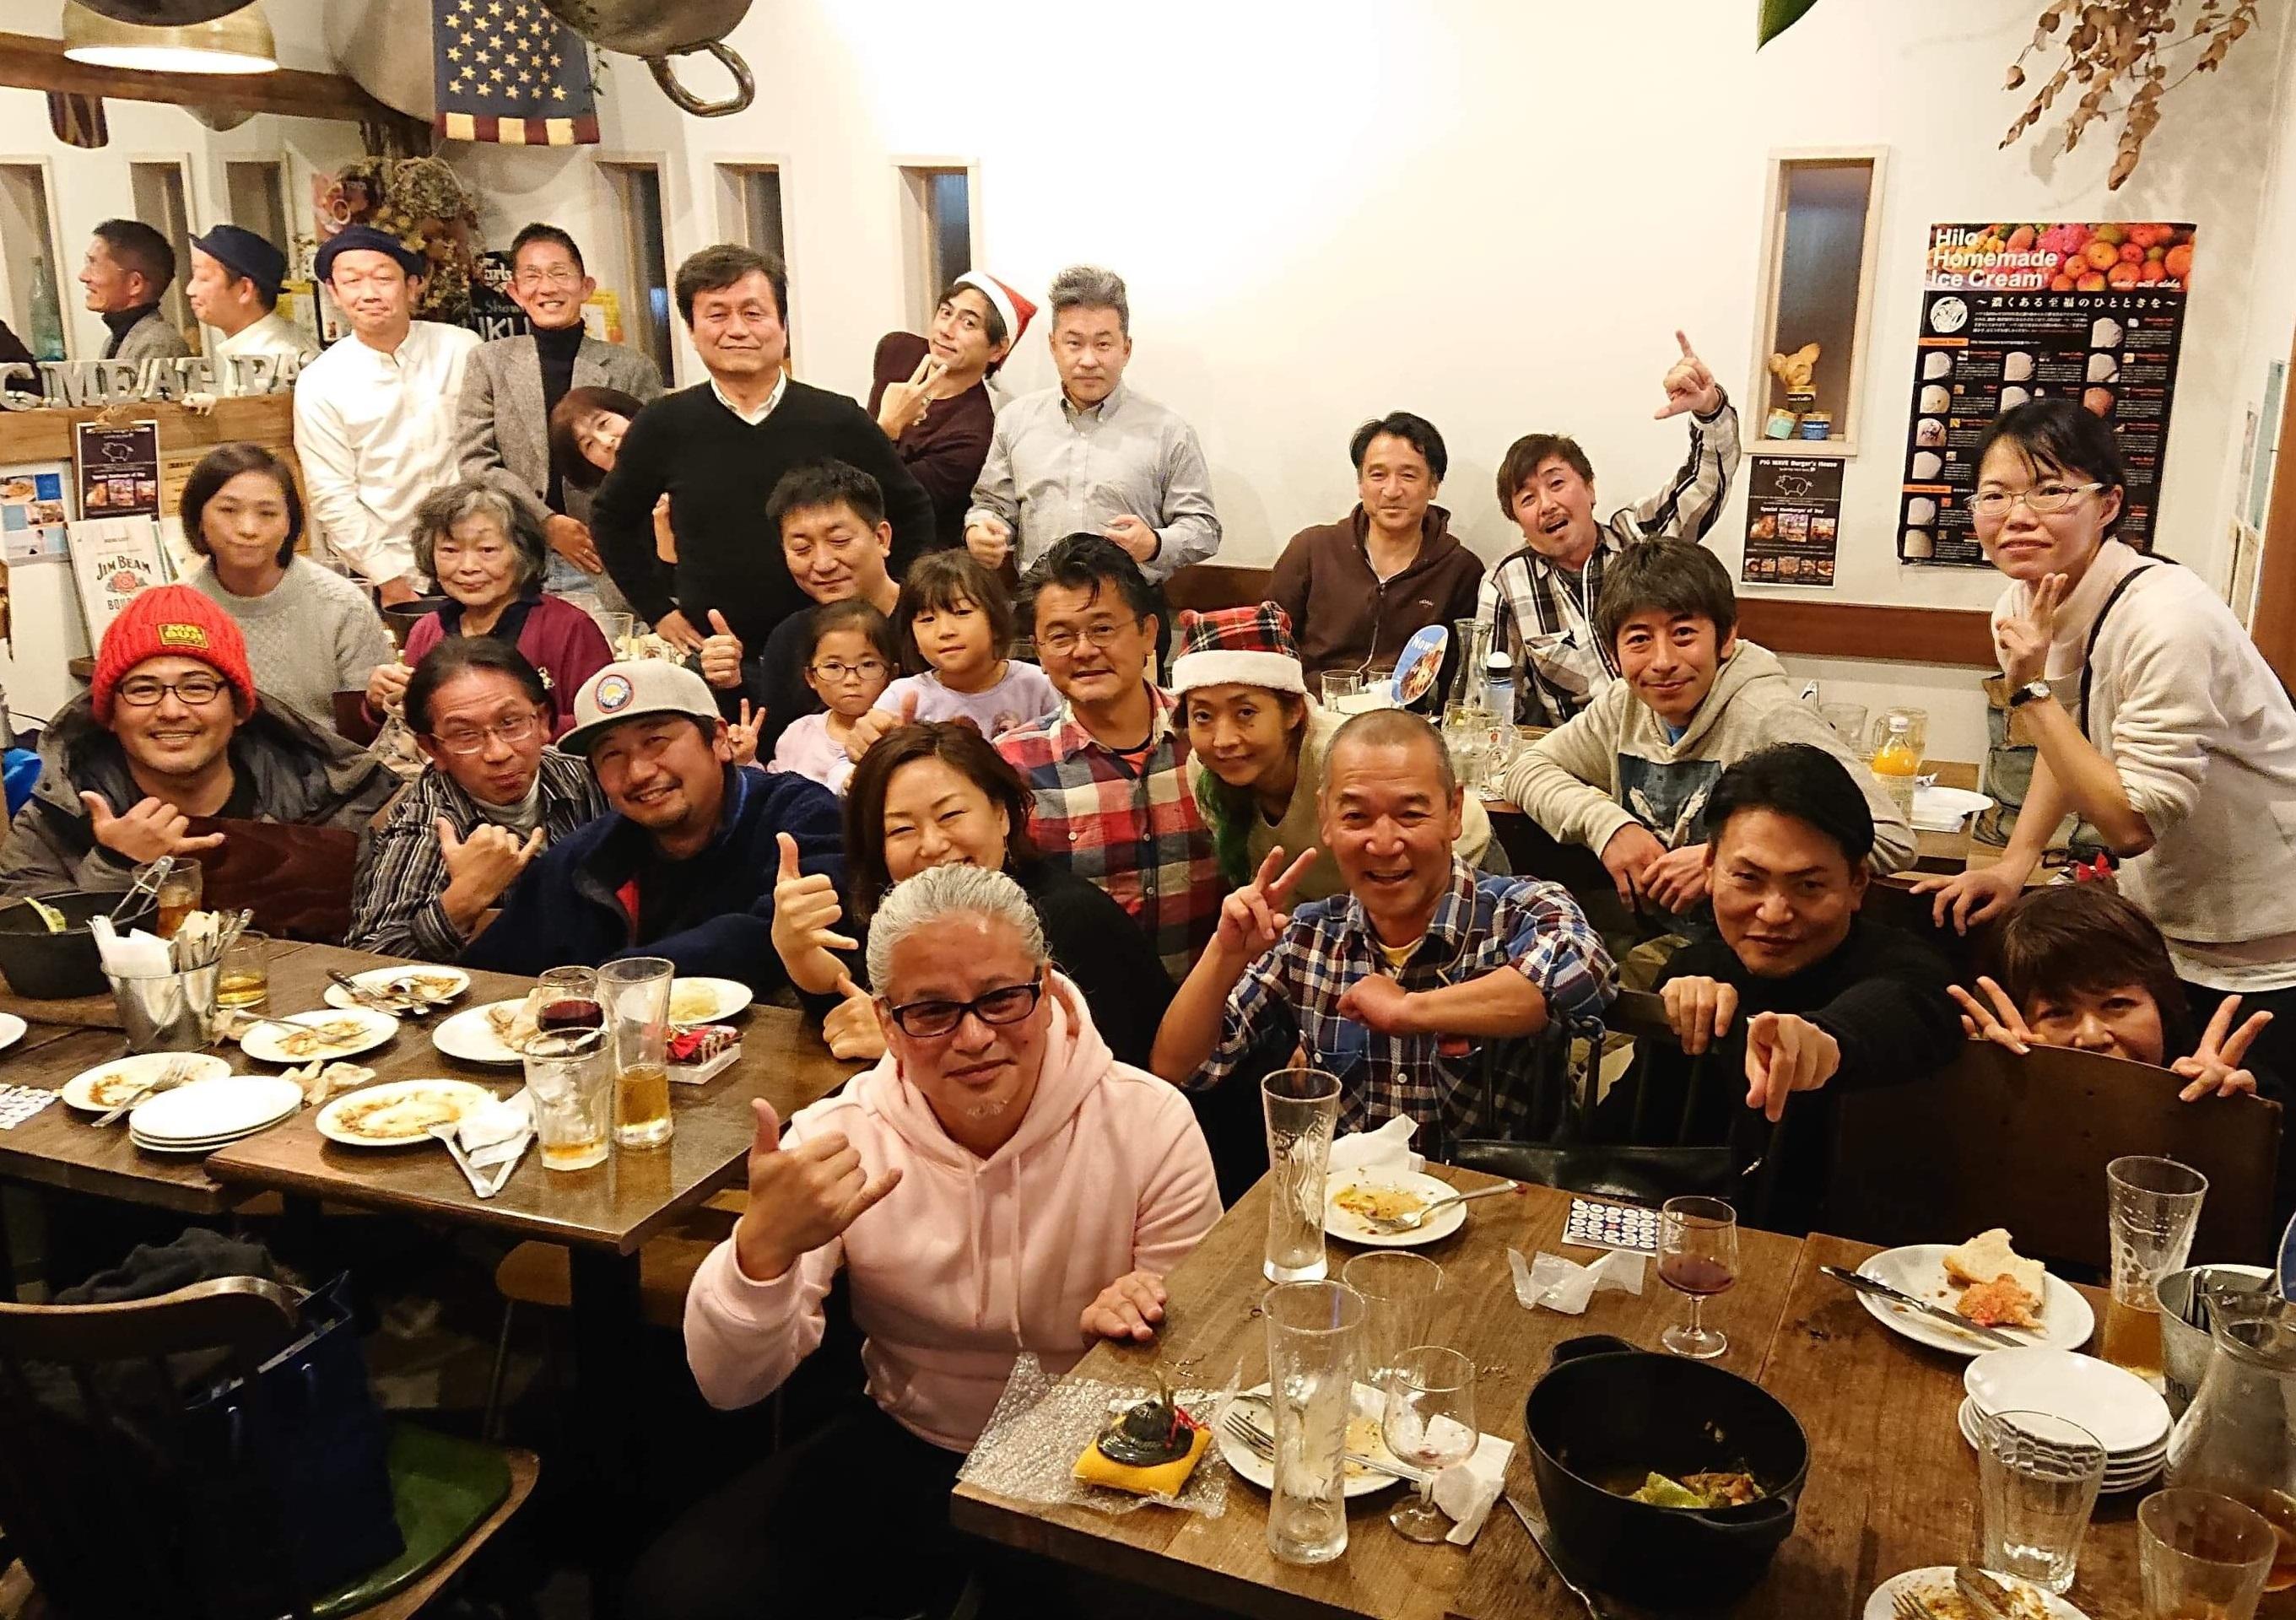 2019年12月21日(日) 湘南クリーンエイドフォーラム忘年会